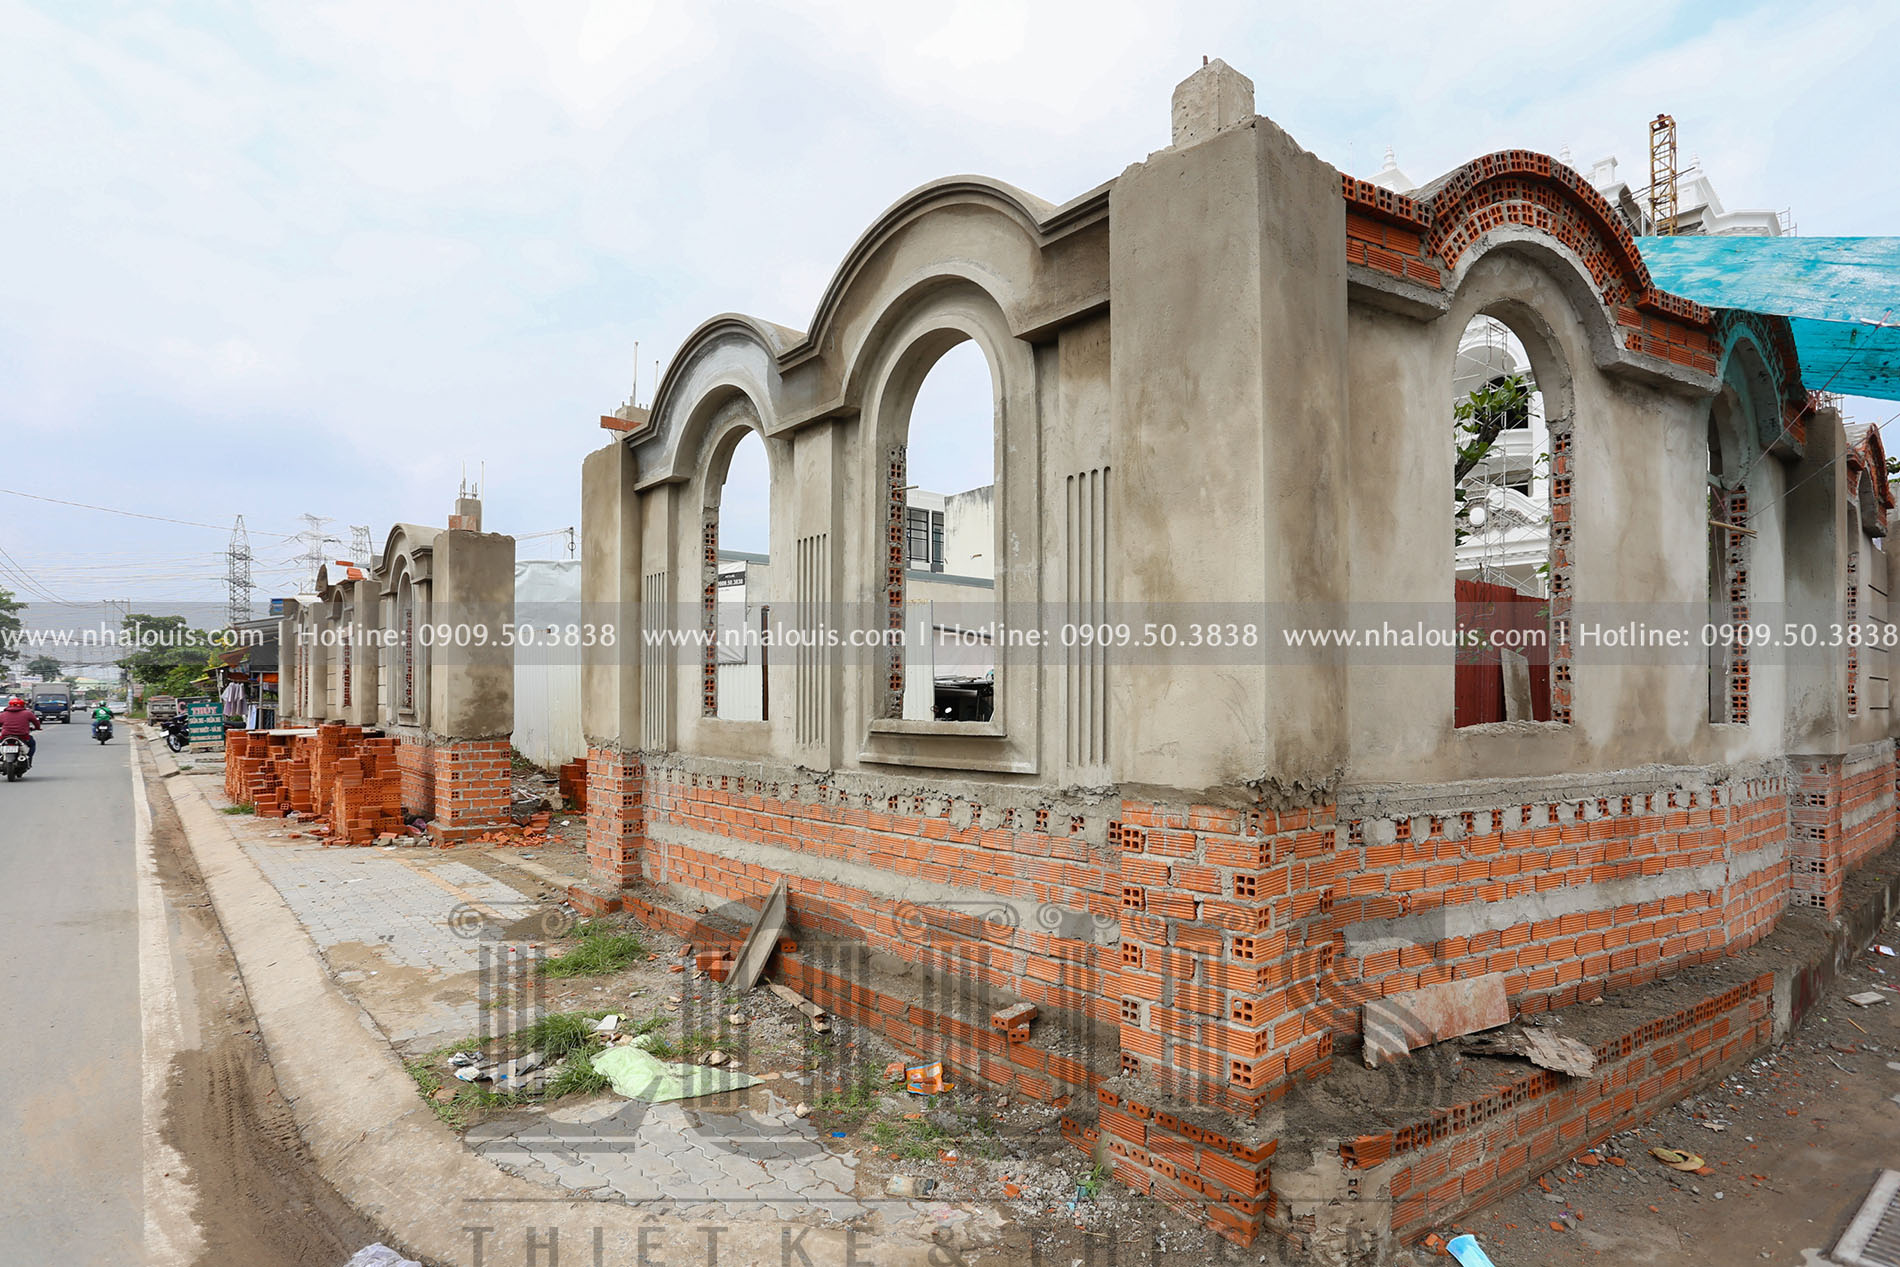 Biệt thự Châu Âu cổ điển chuẩn sang chảnh tại Nhà Bè